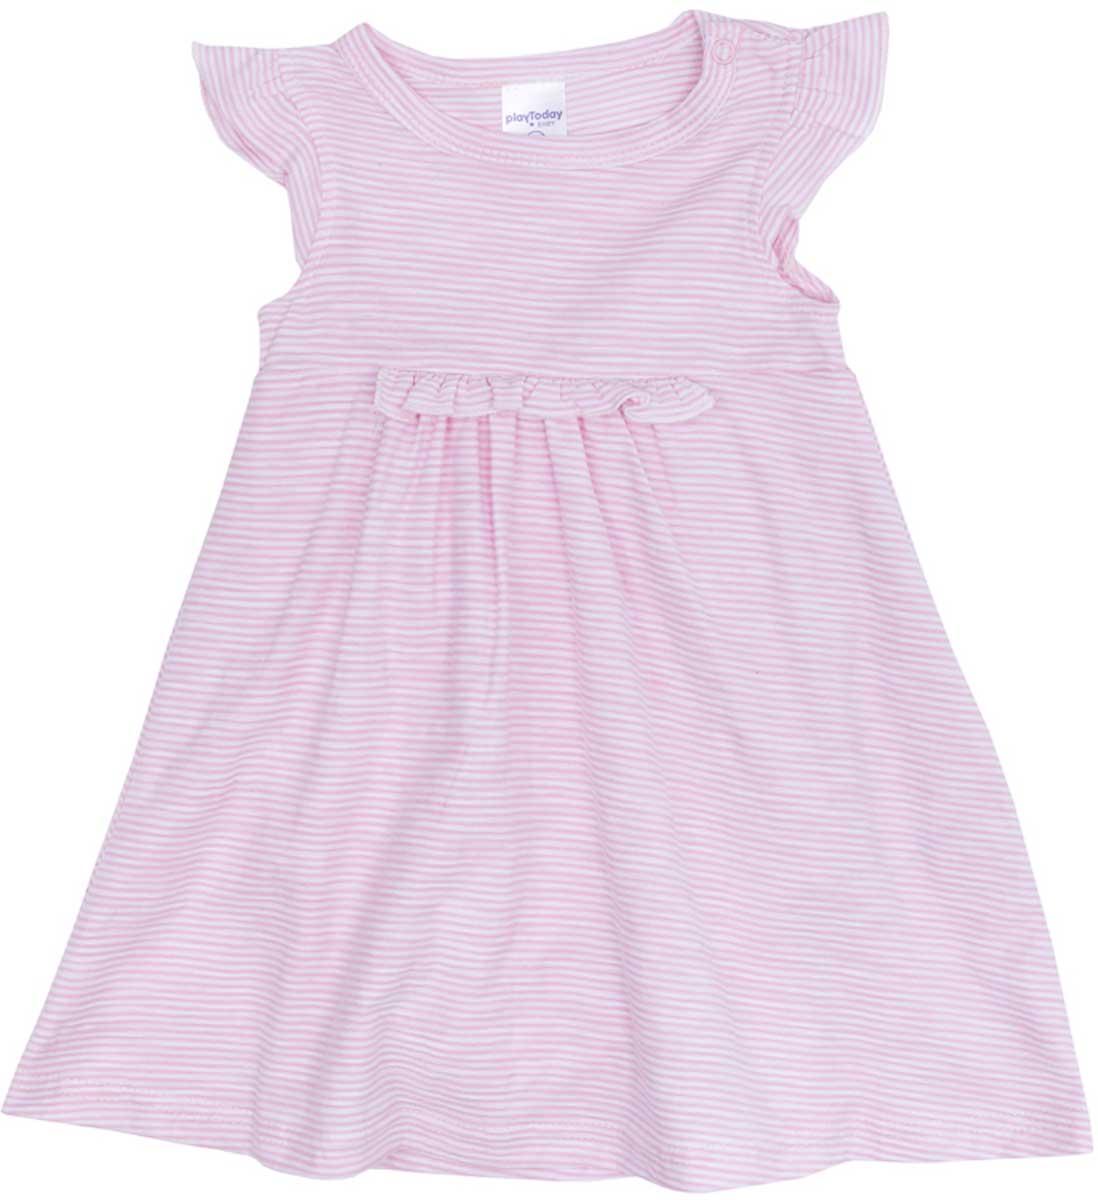 Платье для девочки PlayToday, цвет: светло-розовый, белый. 178809. Размер 56178809Платье PlayToday с завышенной талией, с округлым вырезом у горловины, понравится вашей моднице. Свободный крой не сковывает движений. Приятная на ощупь ткань не раздражает нежную кожу ребенка. Модель на рукавах декорирована небольшими оборками, что создает эффект крылышек.